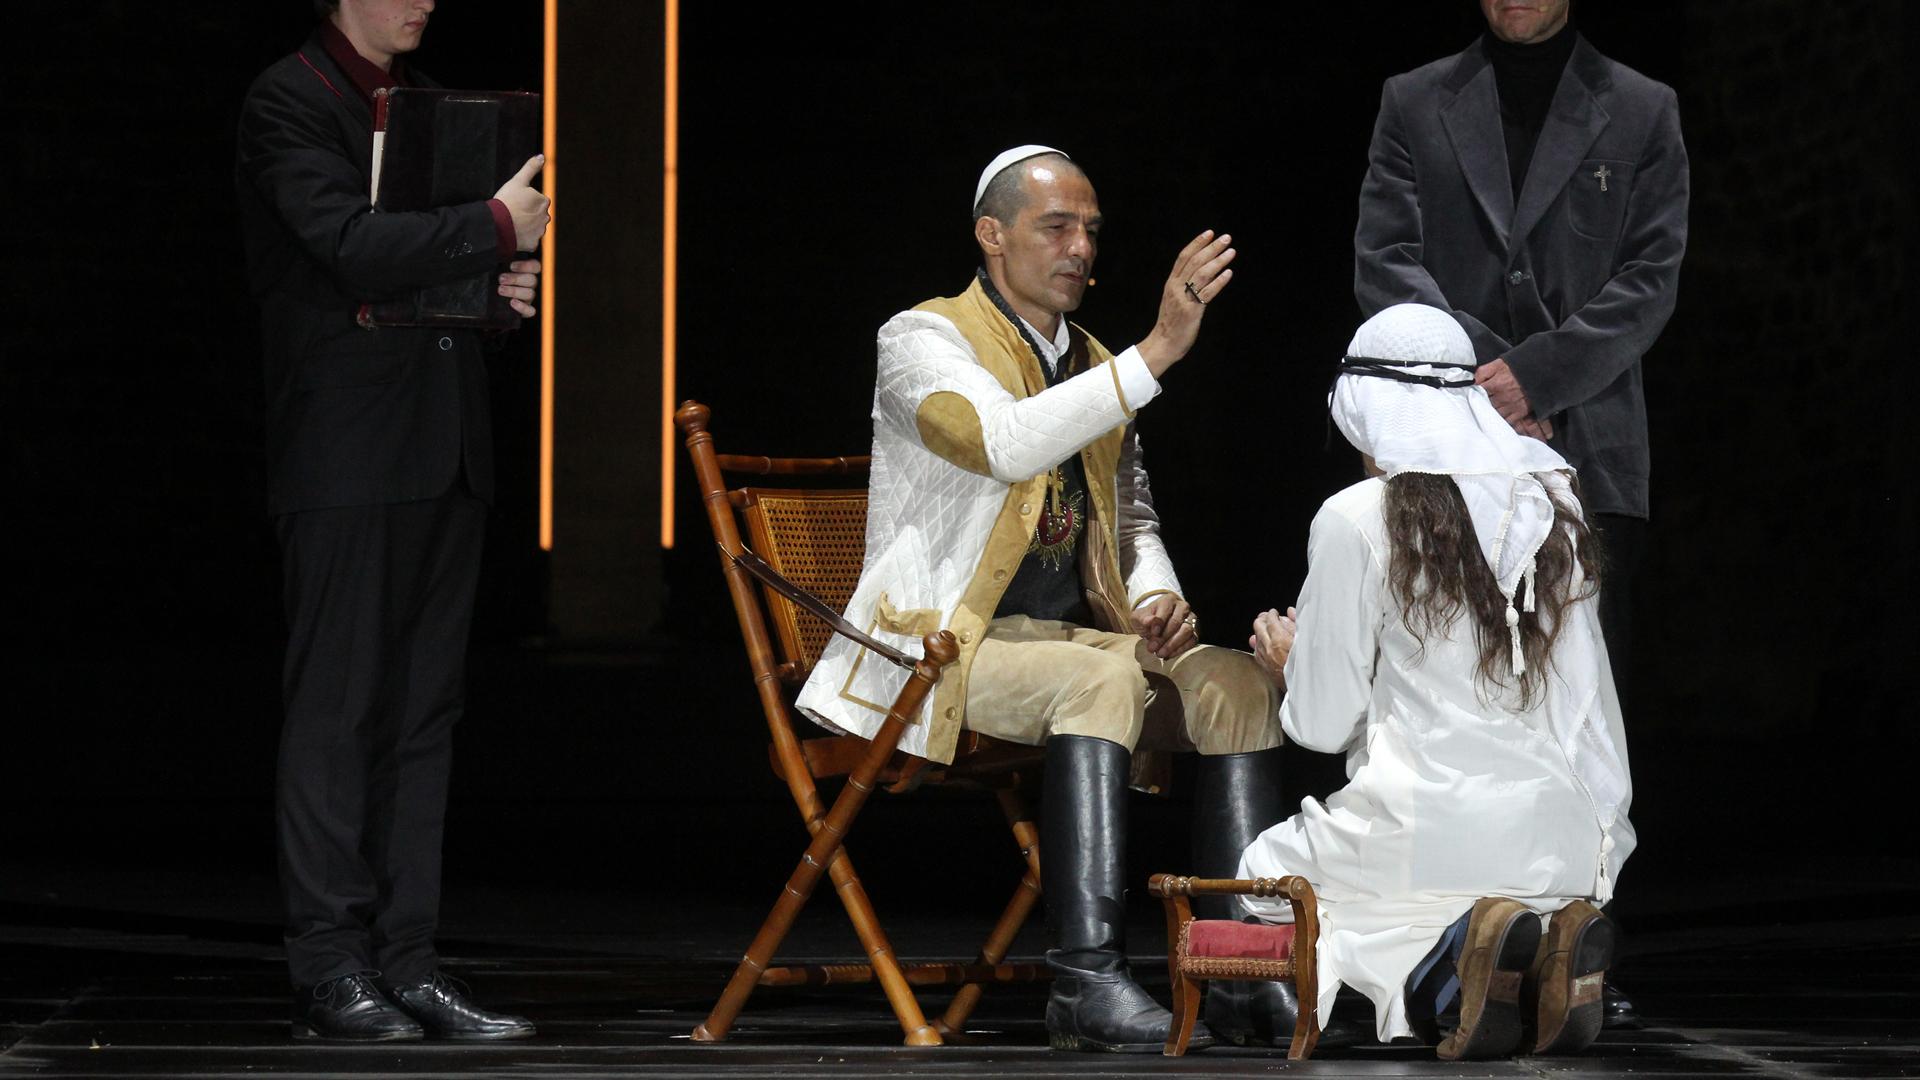 Papst Leo X. (Erol Sander) in Reitstiefeln